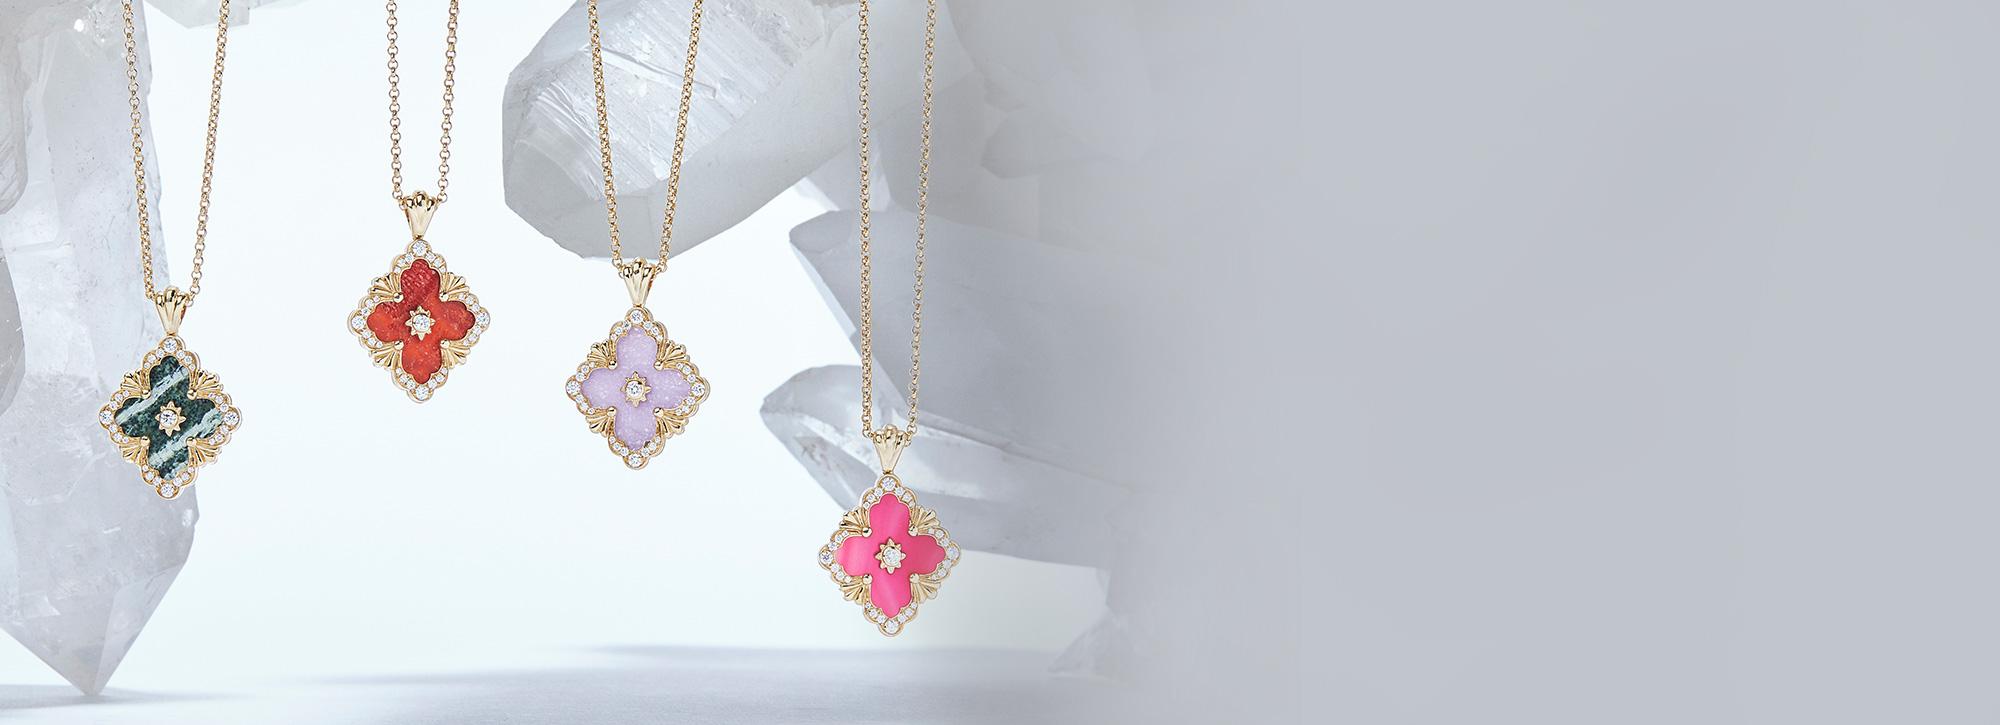 gioiello della collezione Buccellati